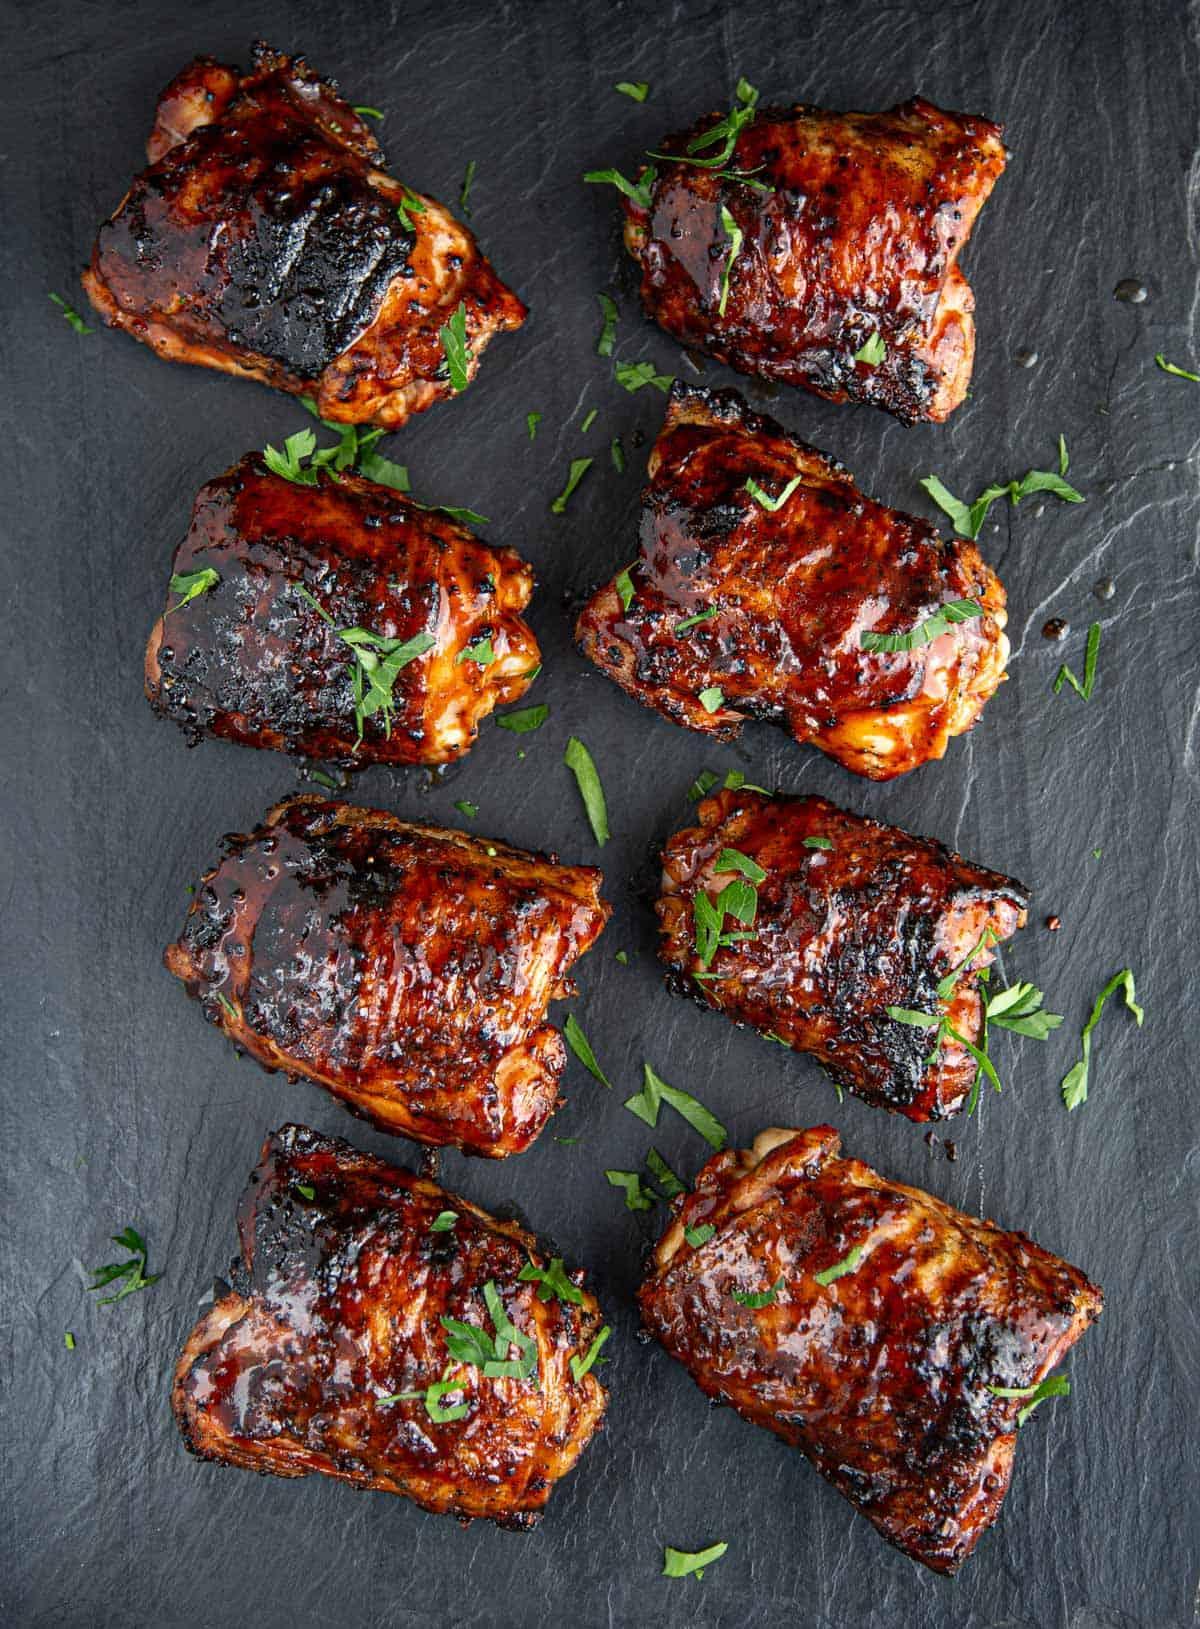 Grilled Chicken Thighs With Bbq Sauce Glaze Vindulge